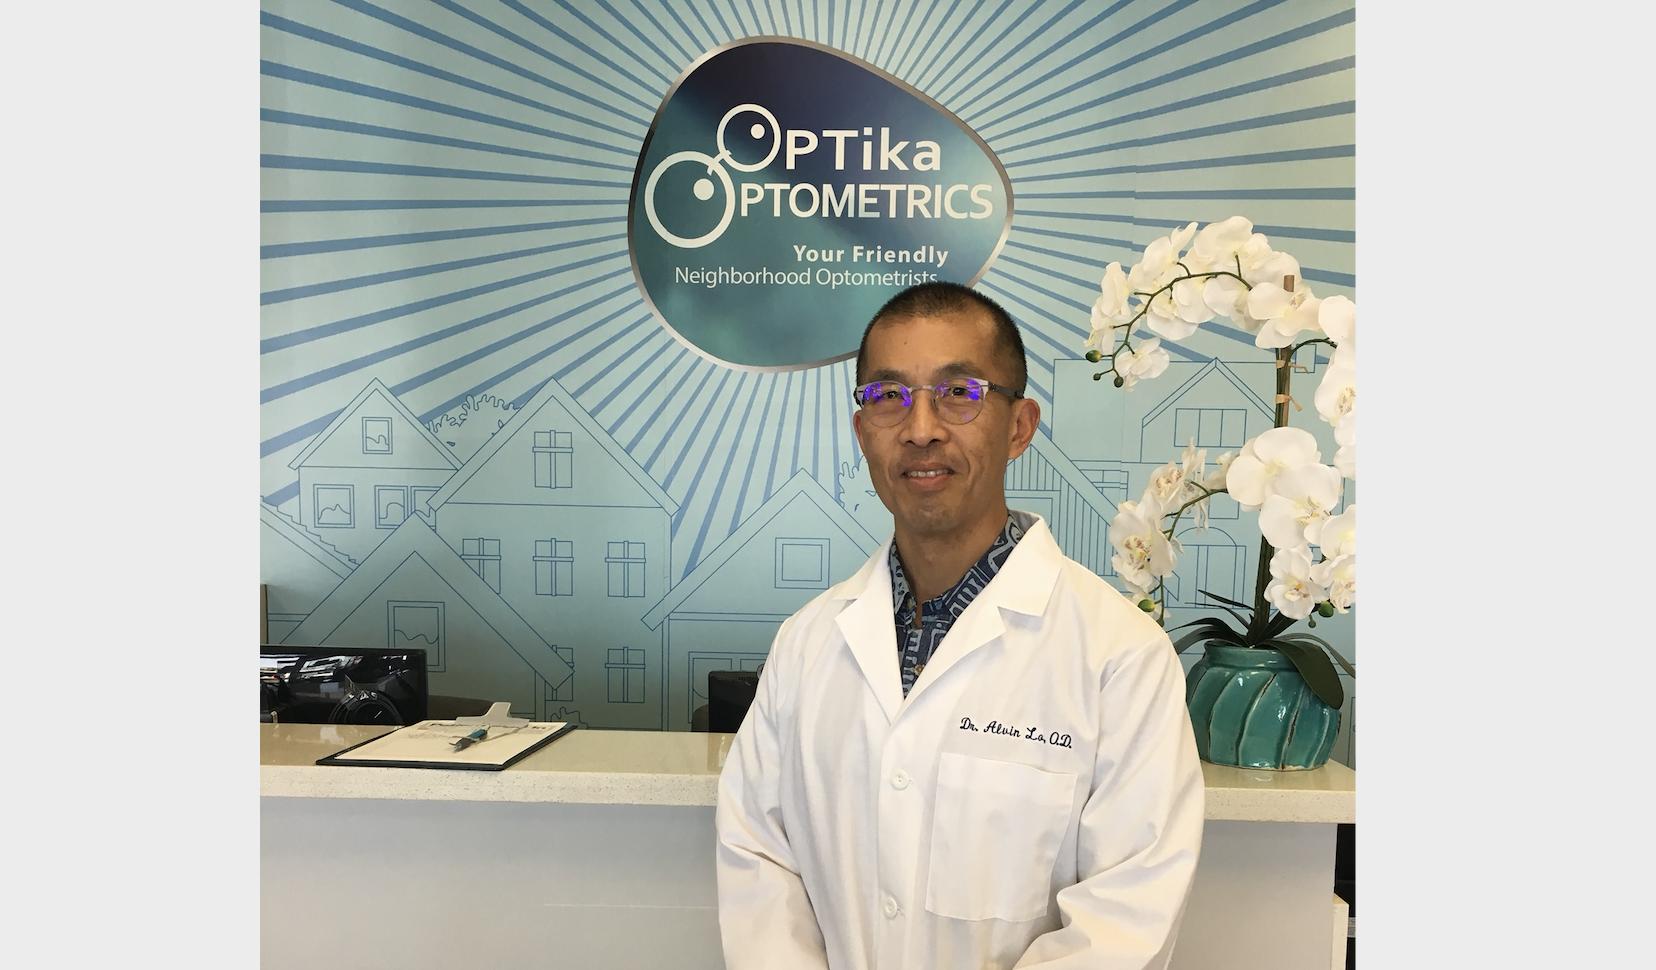 Optika Optometrics image 21